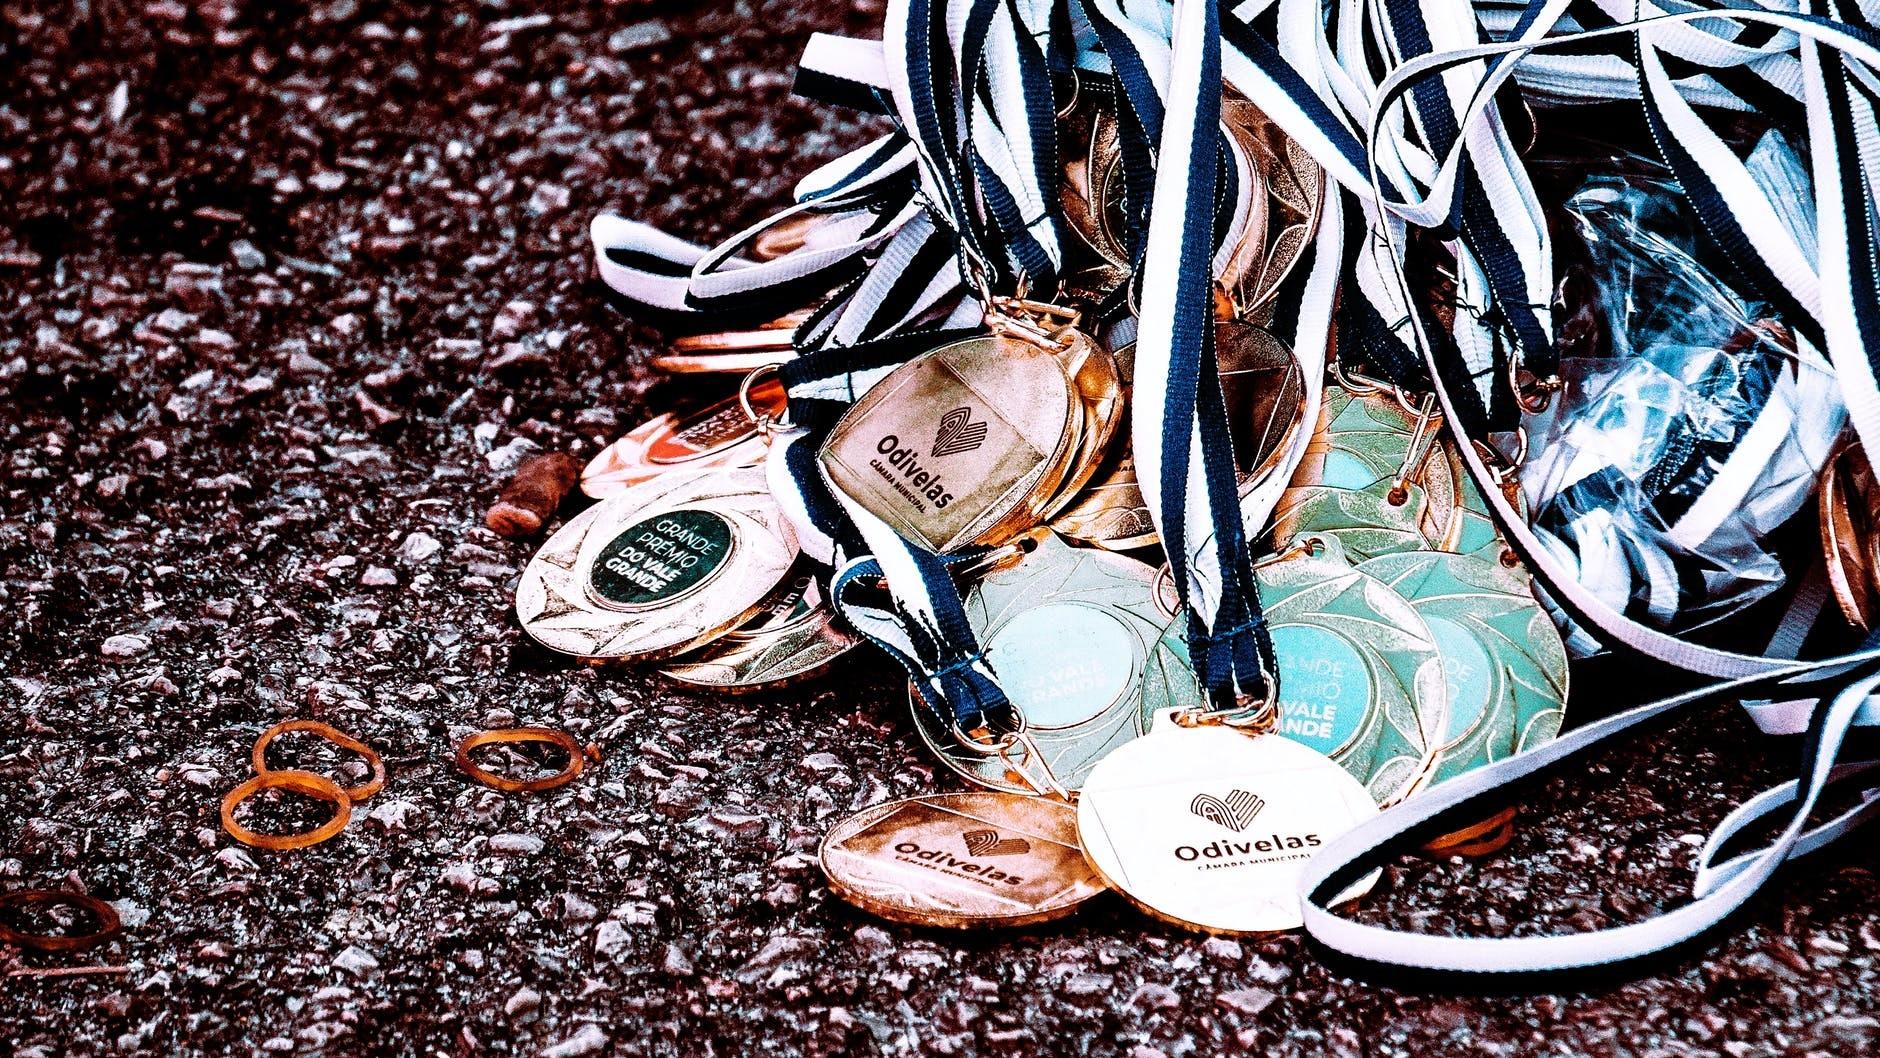 Mau Pesan Medali Akrilik? Cek Kelebihan dan Kekurangannya